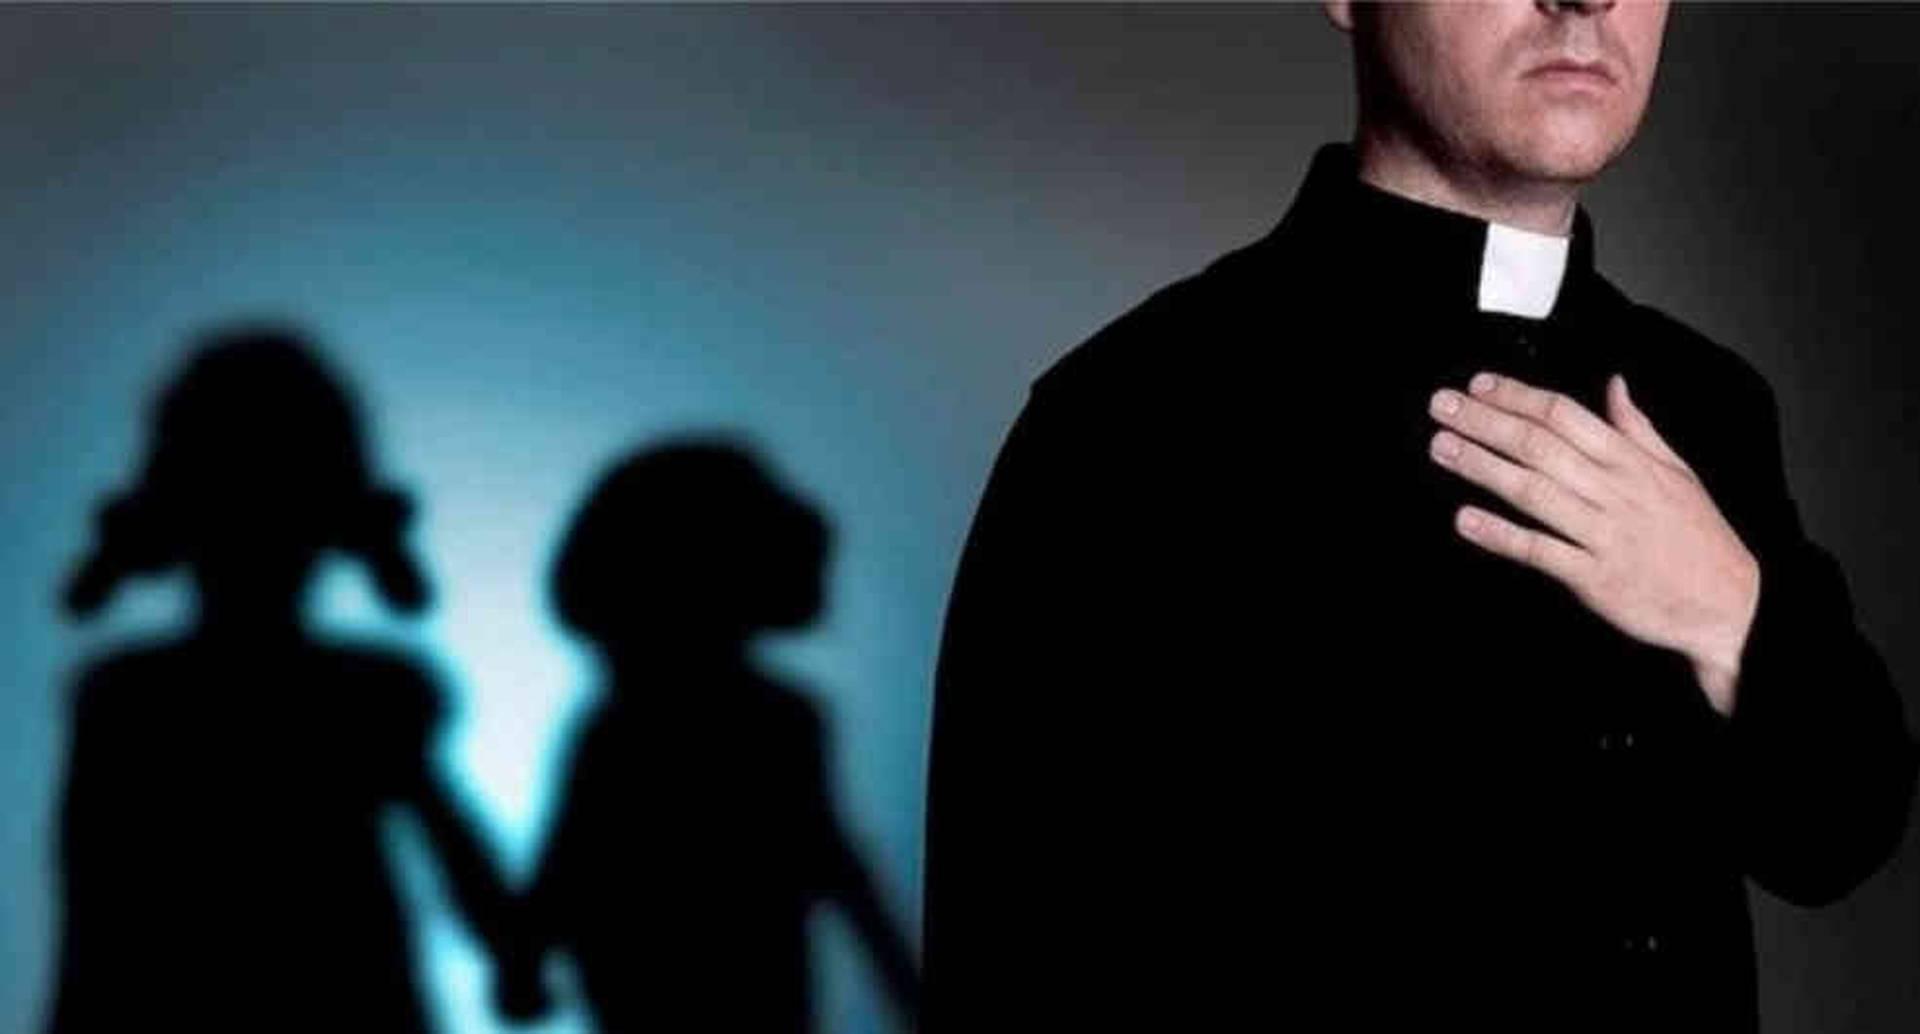 Vaticano publicó manual para actuar frente a abuso de menores   Noticias del día